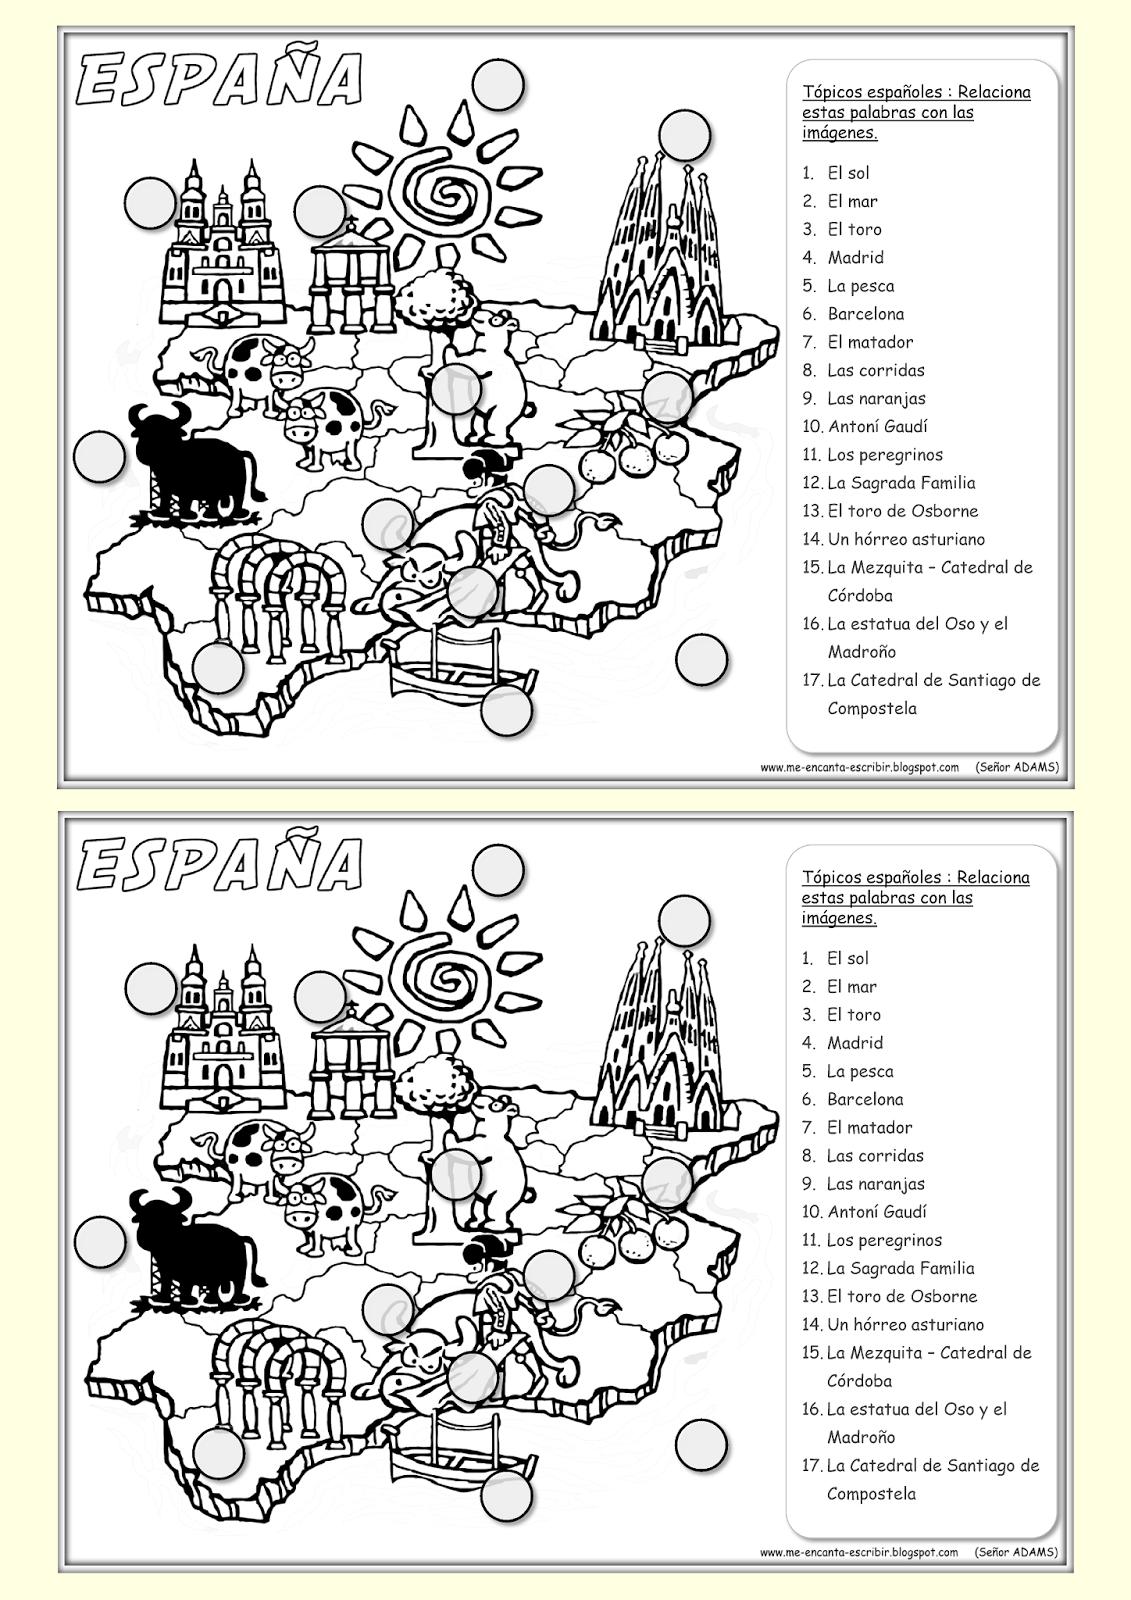 Esta Ficha Ilustra Algunos Tópicos Y Lugares Turísticos De España Lee La Lista De Palabras Y Relaciónalas Enseñando Español Aprender Español Clase De Español